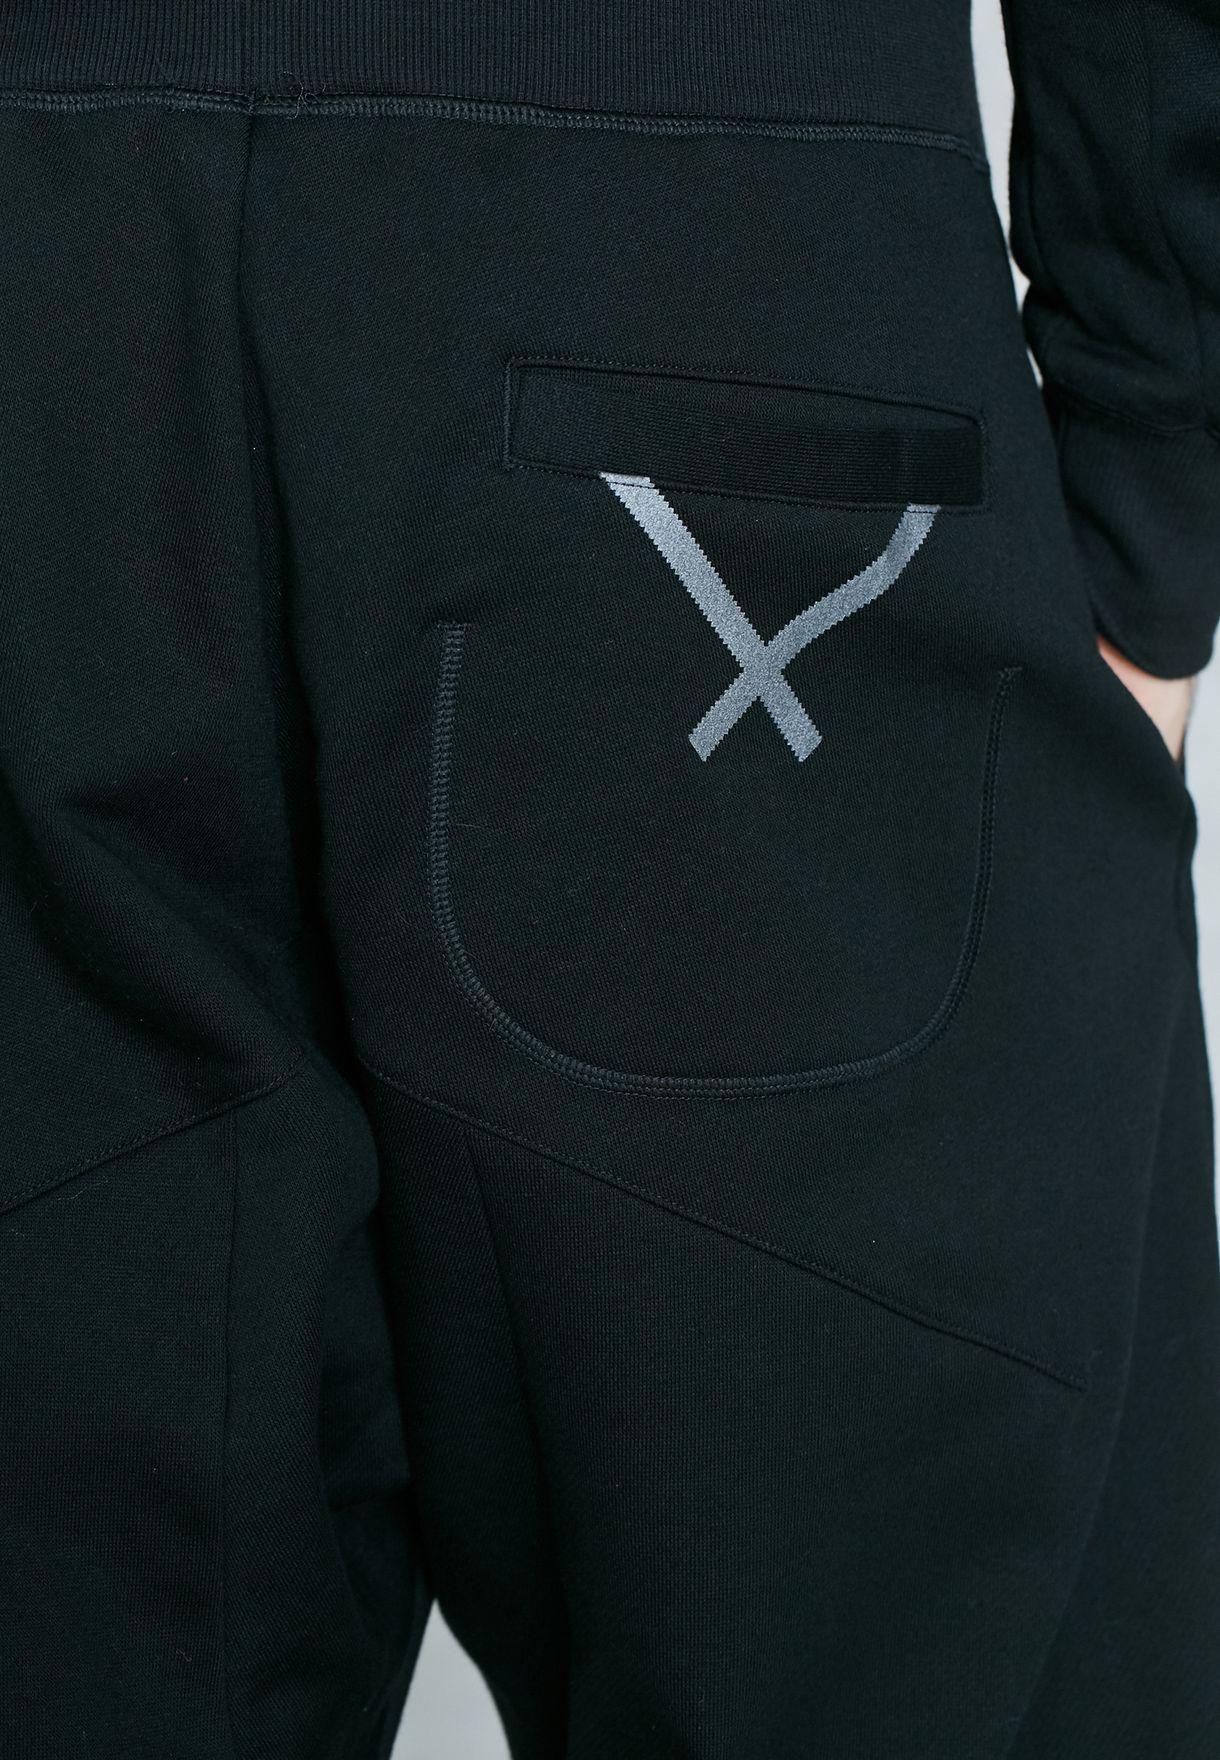 Shop adidas Originals black XBYO 7 8 Sweatpants BQ3103 for Men in ... 8dccd52c87